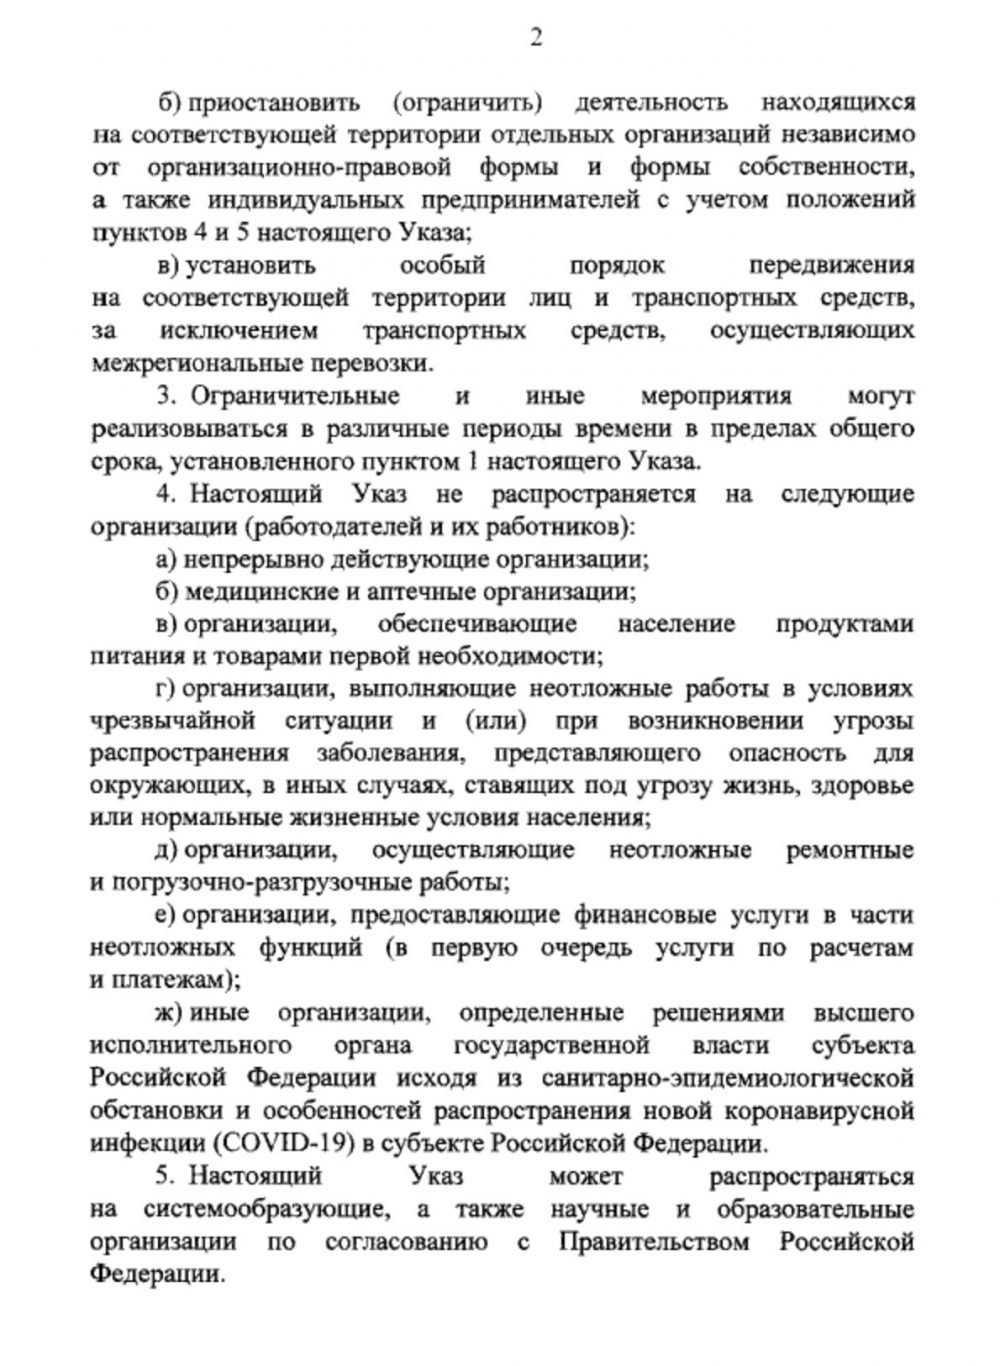 Путин наделил брянского губернатора специальными полномочиями